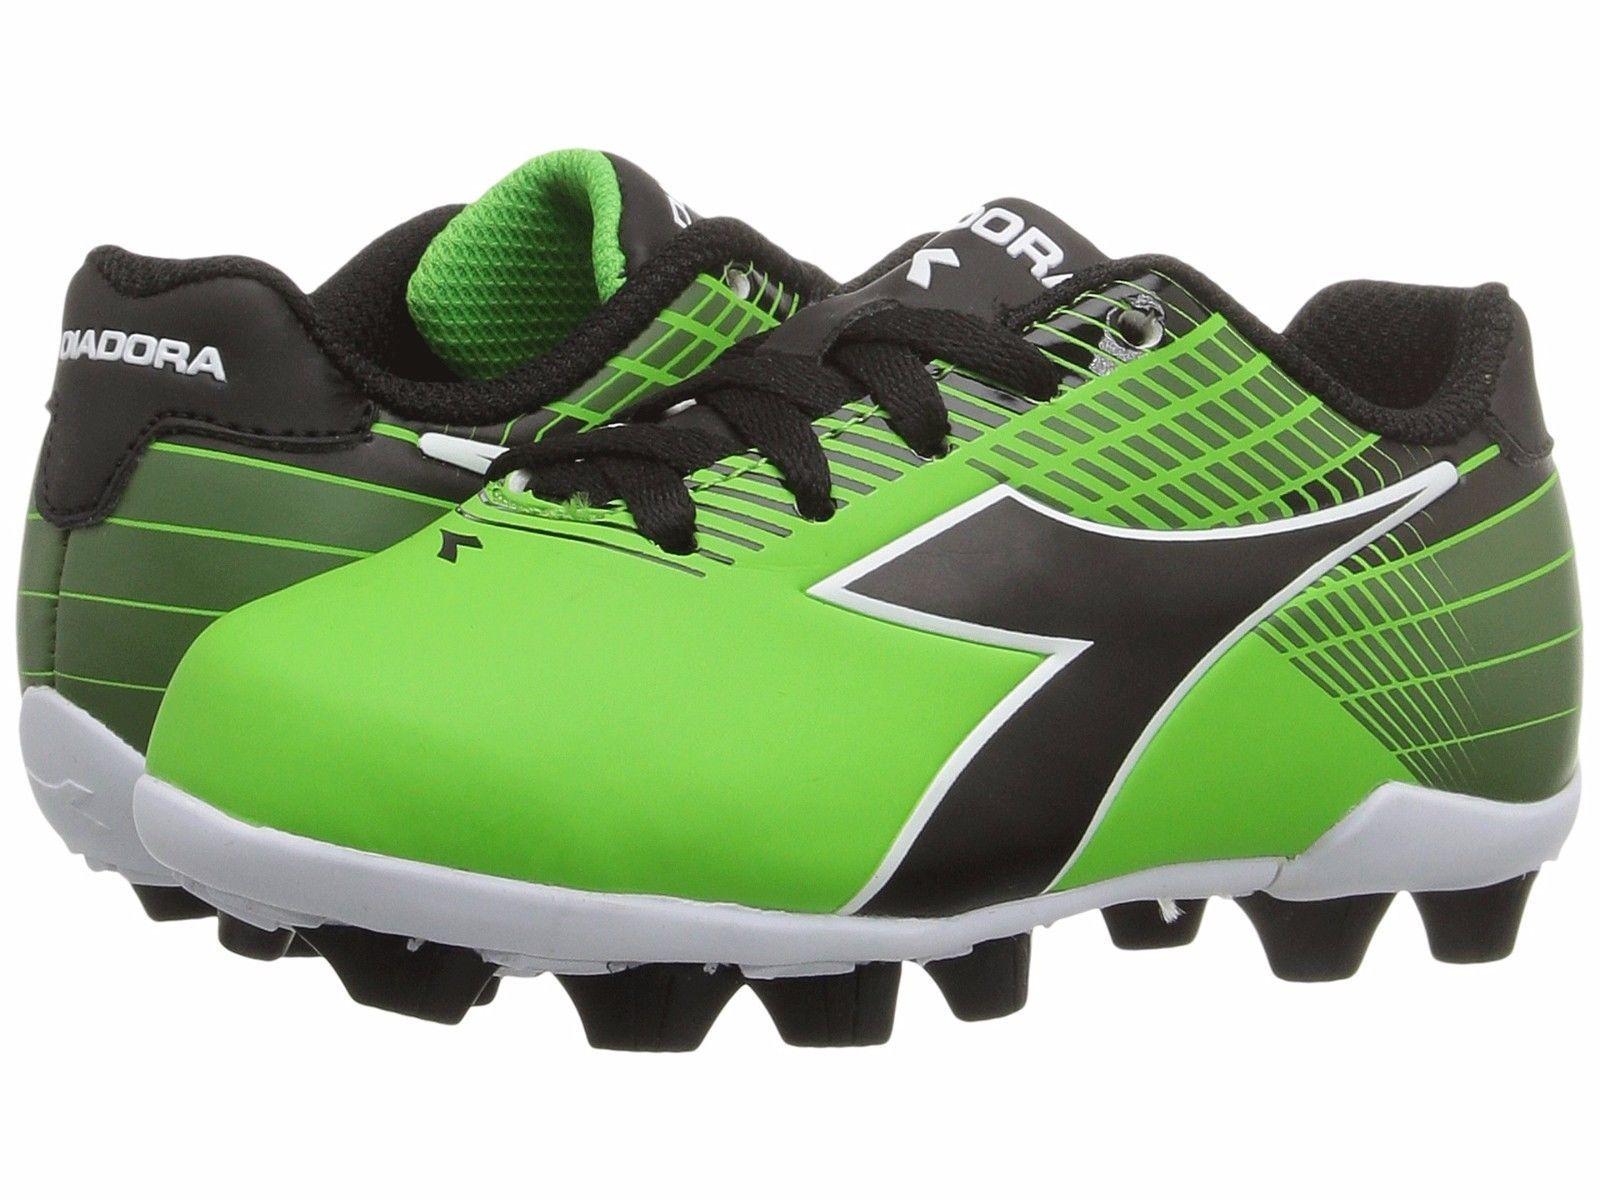 9e42b109 Diadora Soccer Shoes: 6 listings